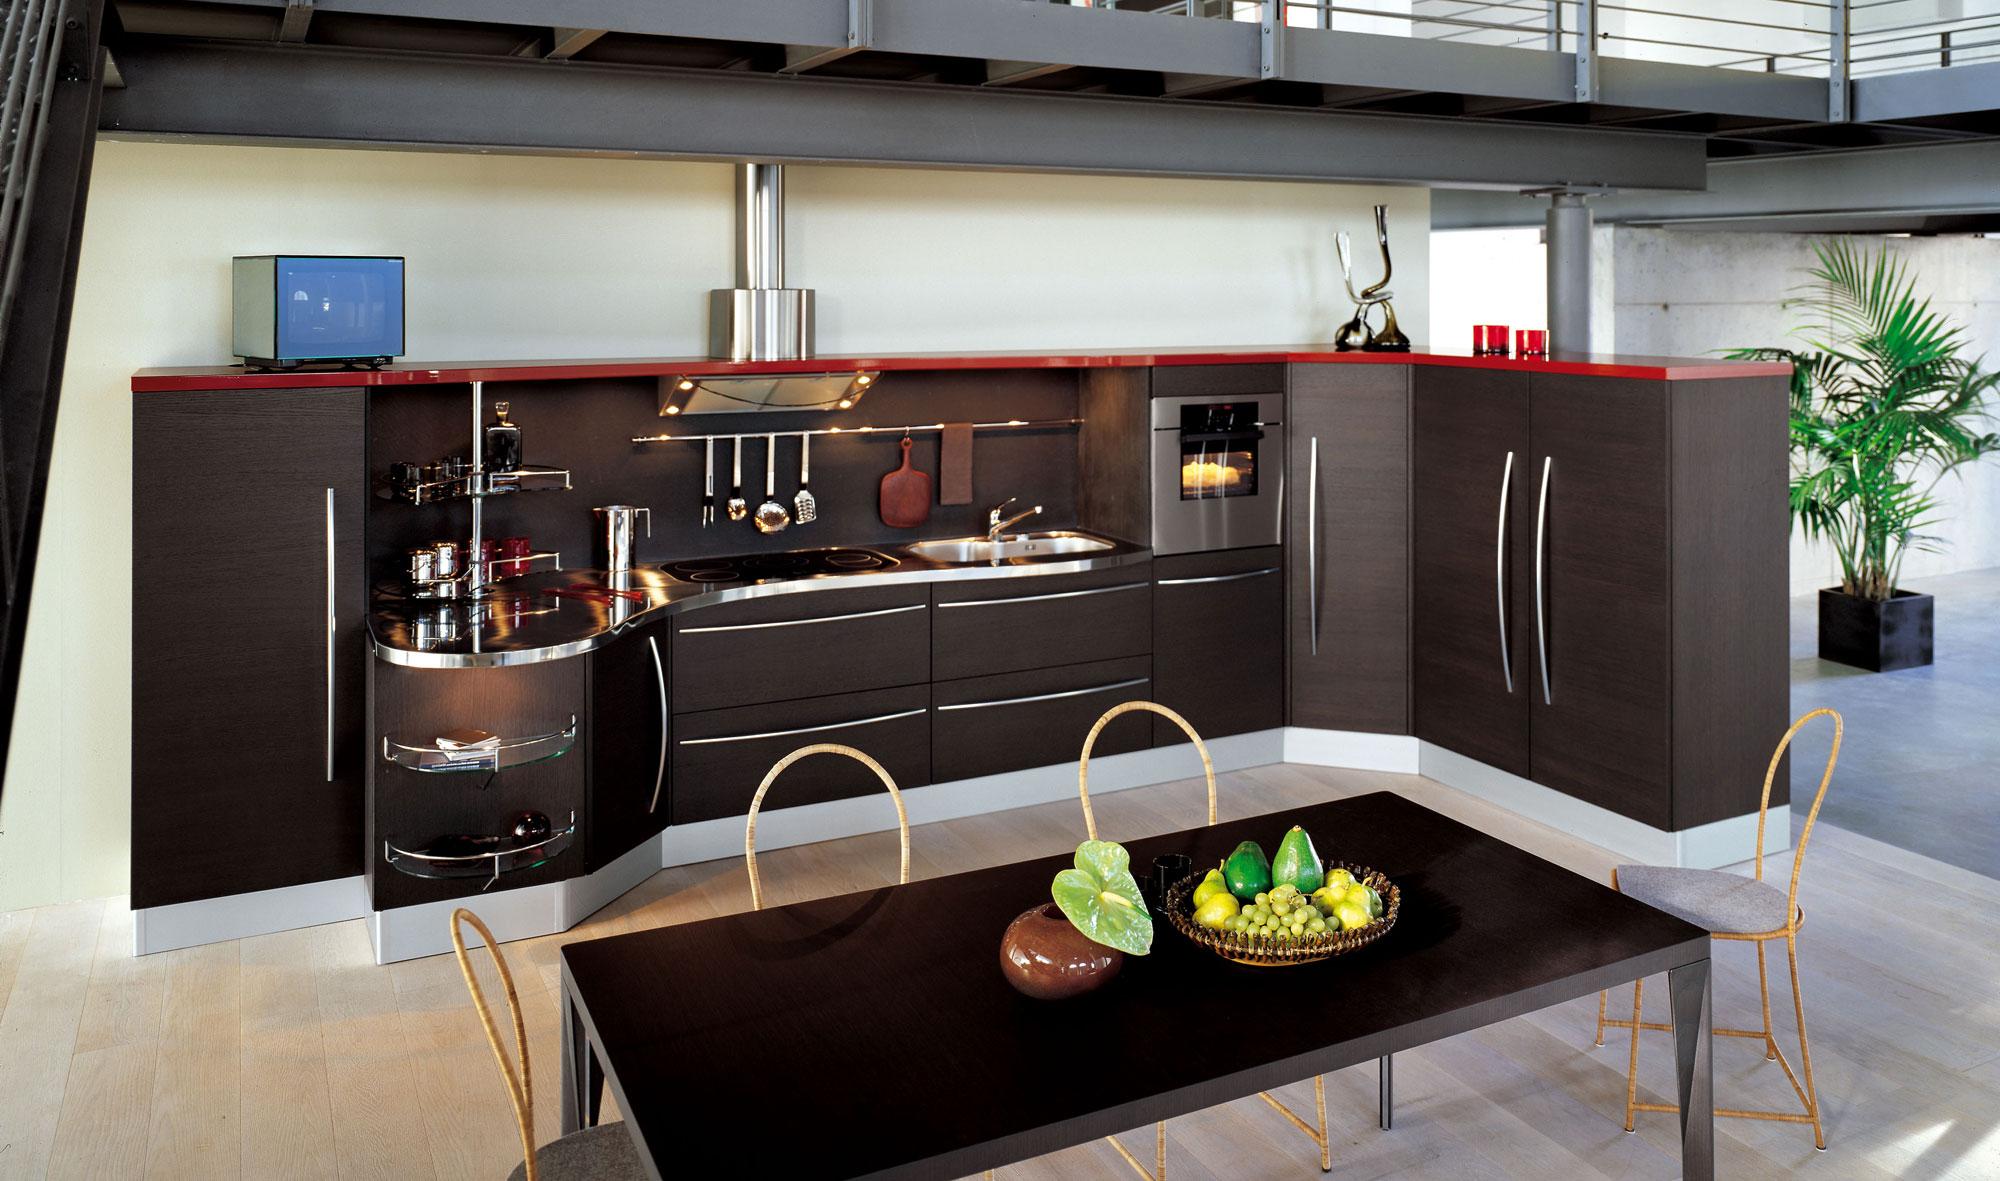 Küche ohne Oberschränke (61 Fotos): Küchenecke ohne Wandschränke